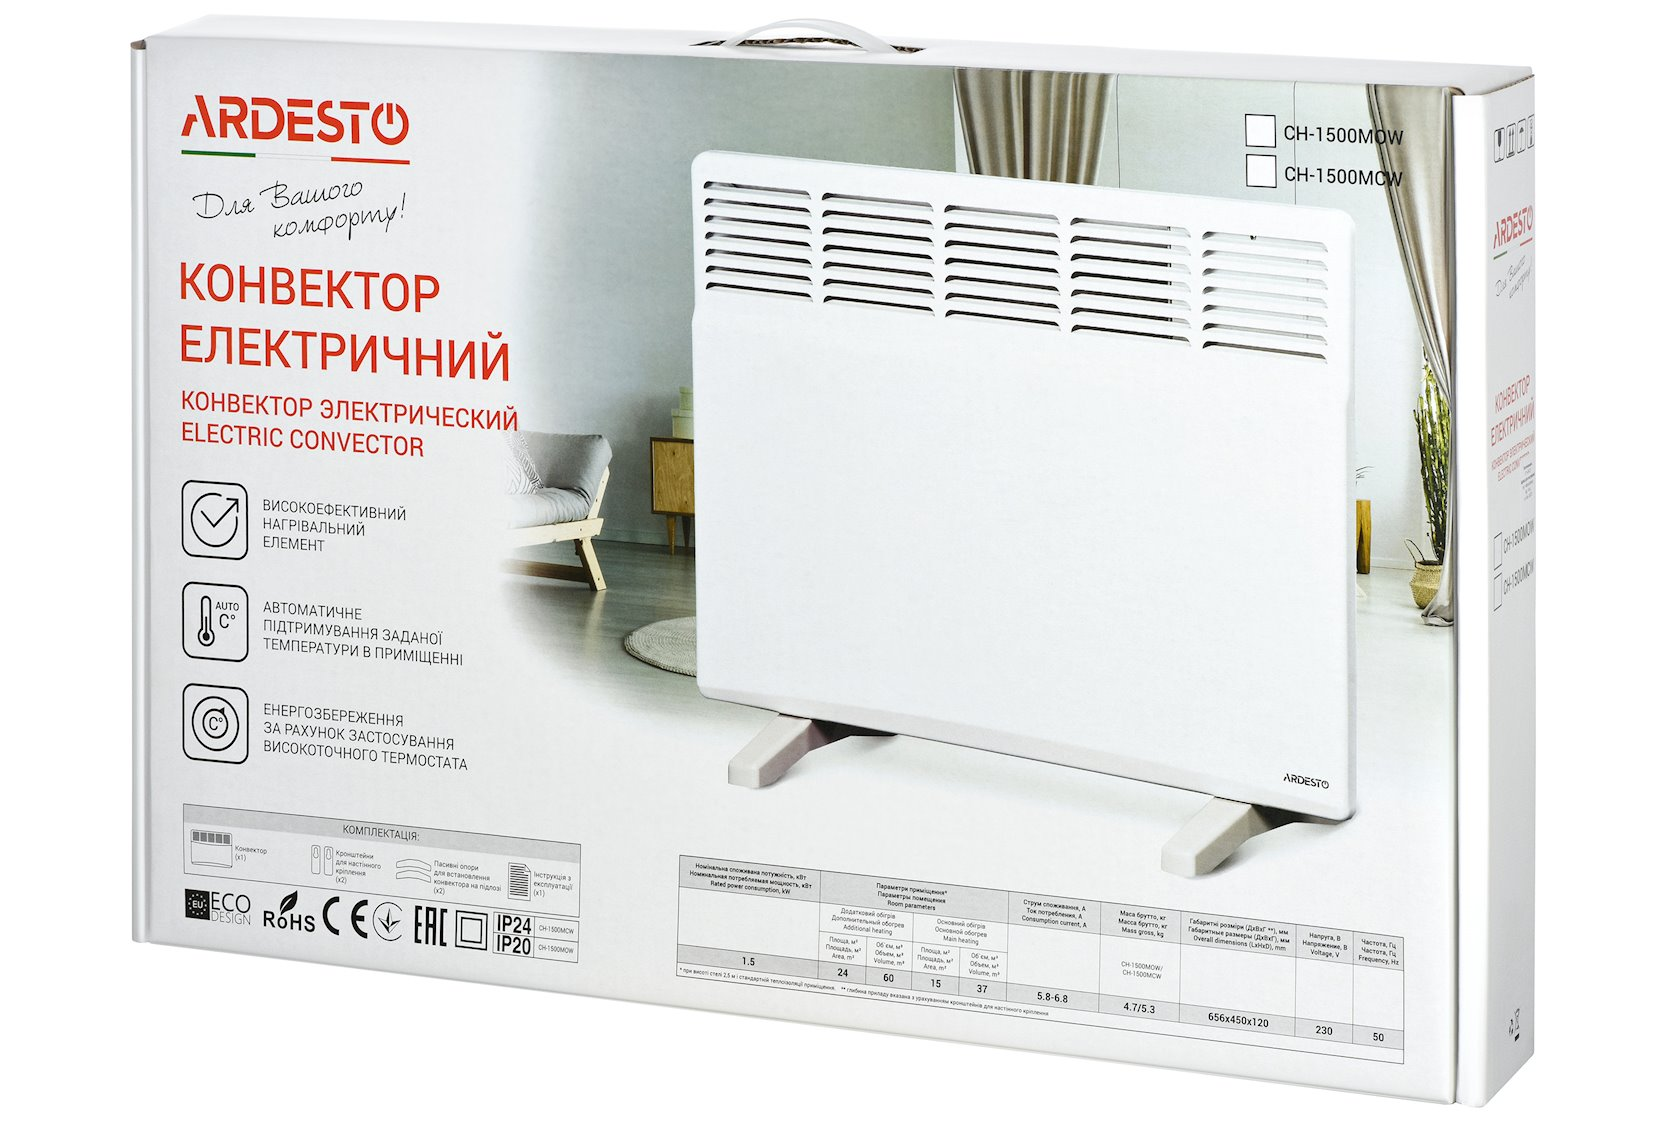 Konvektor Ardesto CH-1500MOW